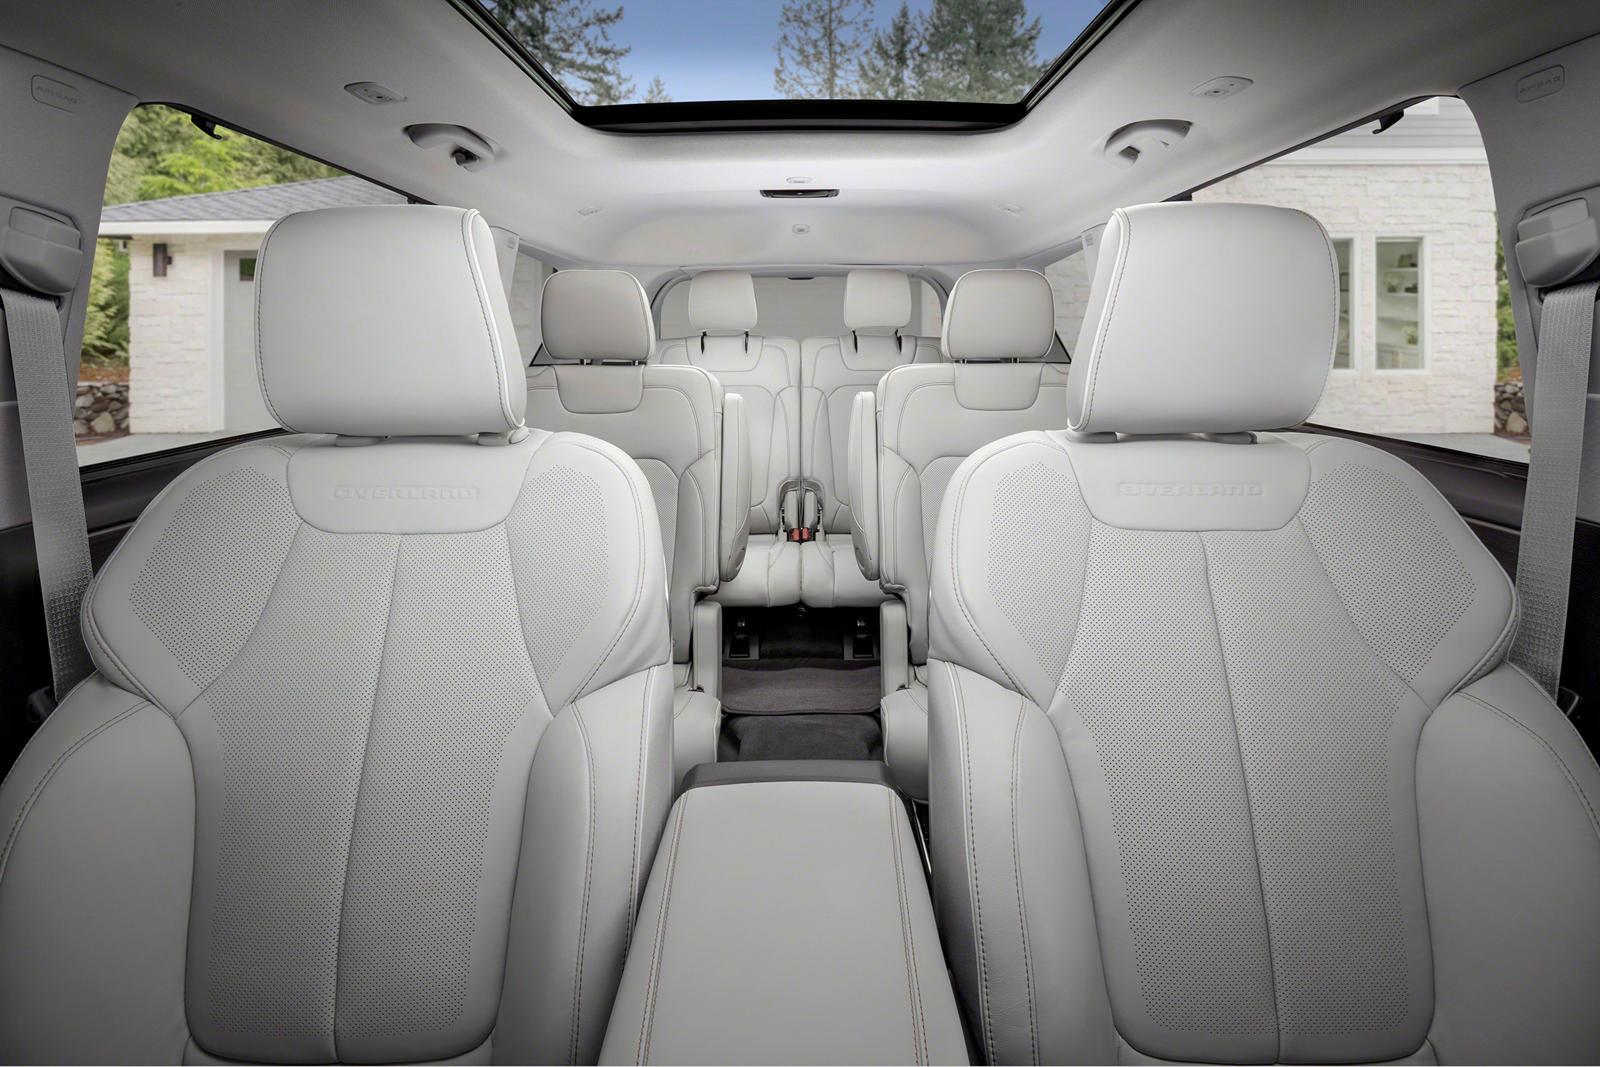 2021 Jeep Grand Cherokee L был анонсирован на прошлой неделе как первая модель Jeep с тремя рядами сидений с момента прекращения производства Commander в 2010 году. Хотя они не демонстрировался одновременно, Jeep упомянул, что знакомый двухрядный Gra